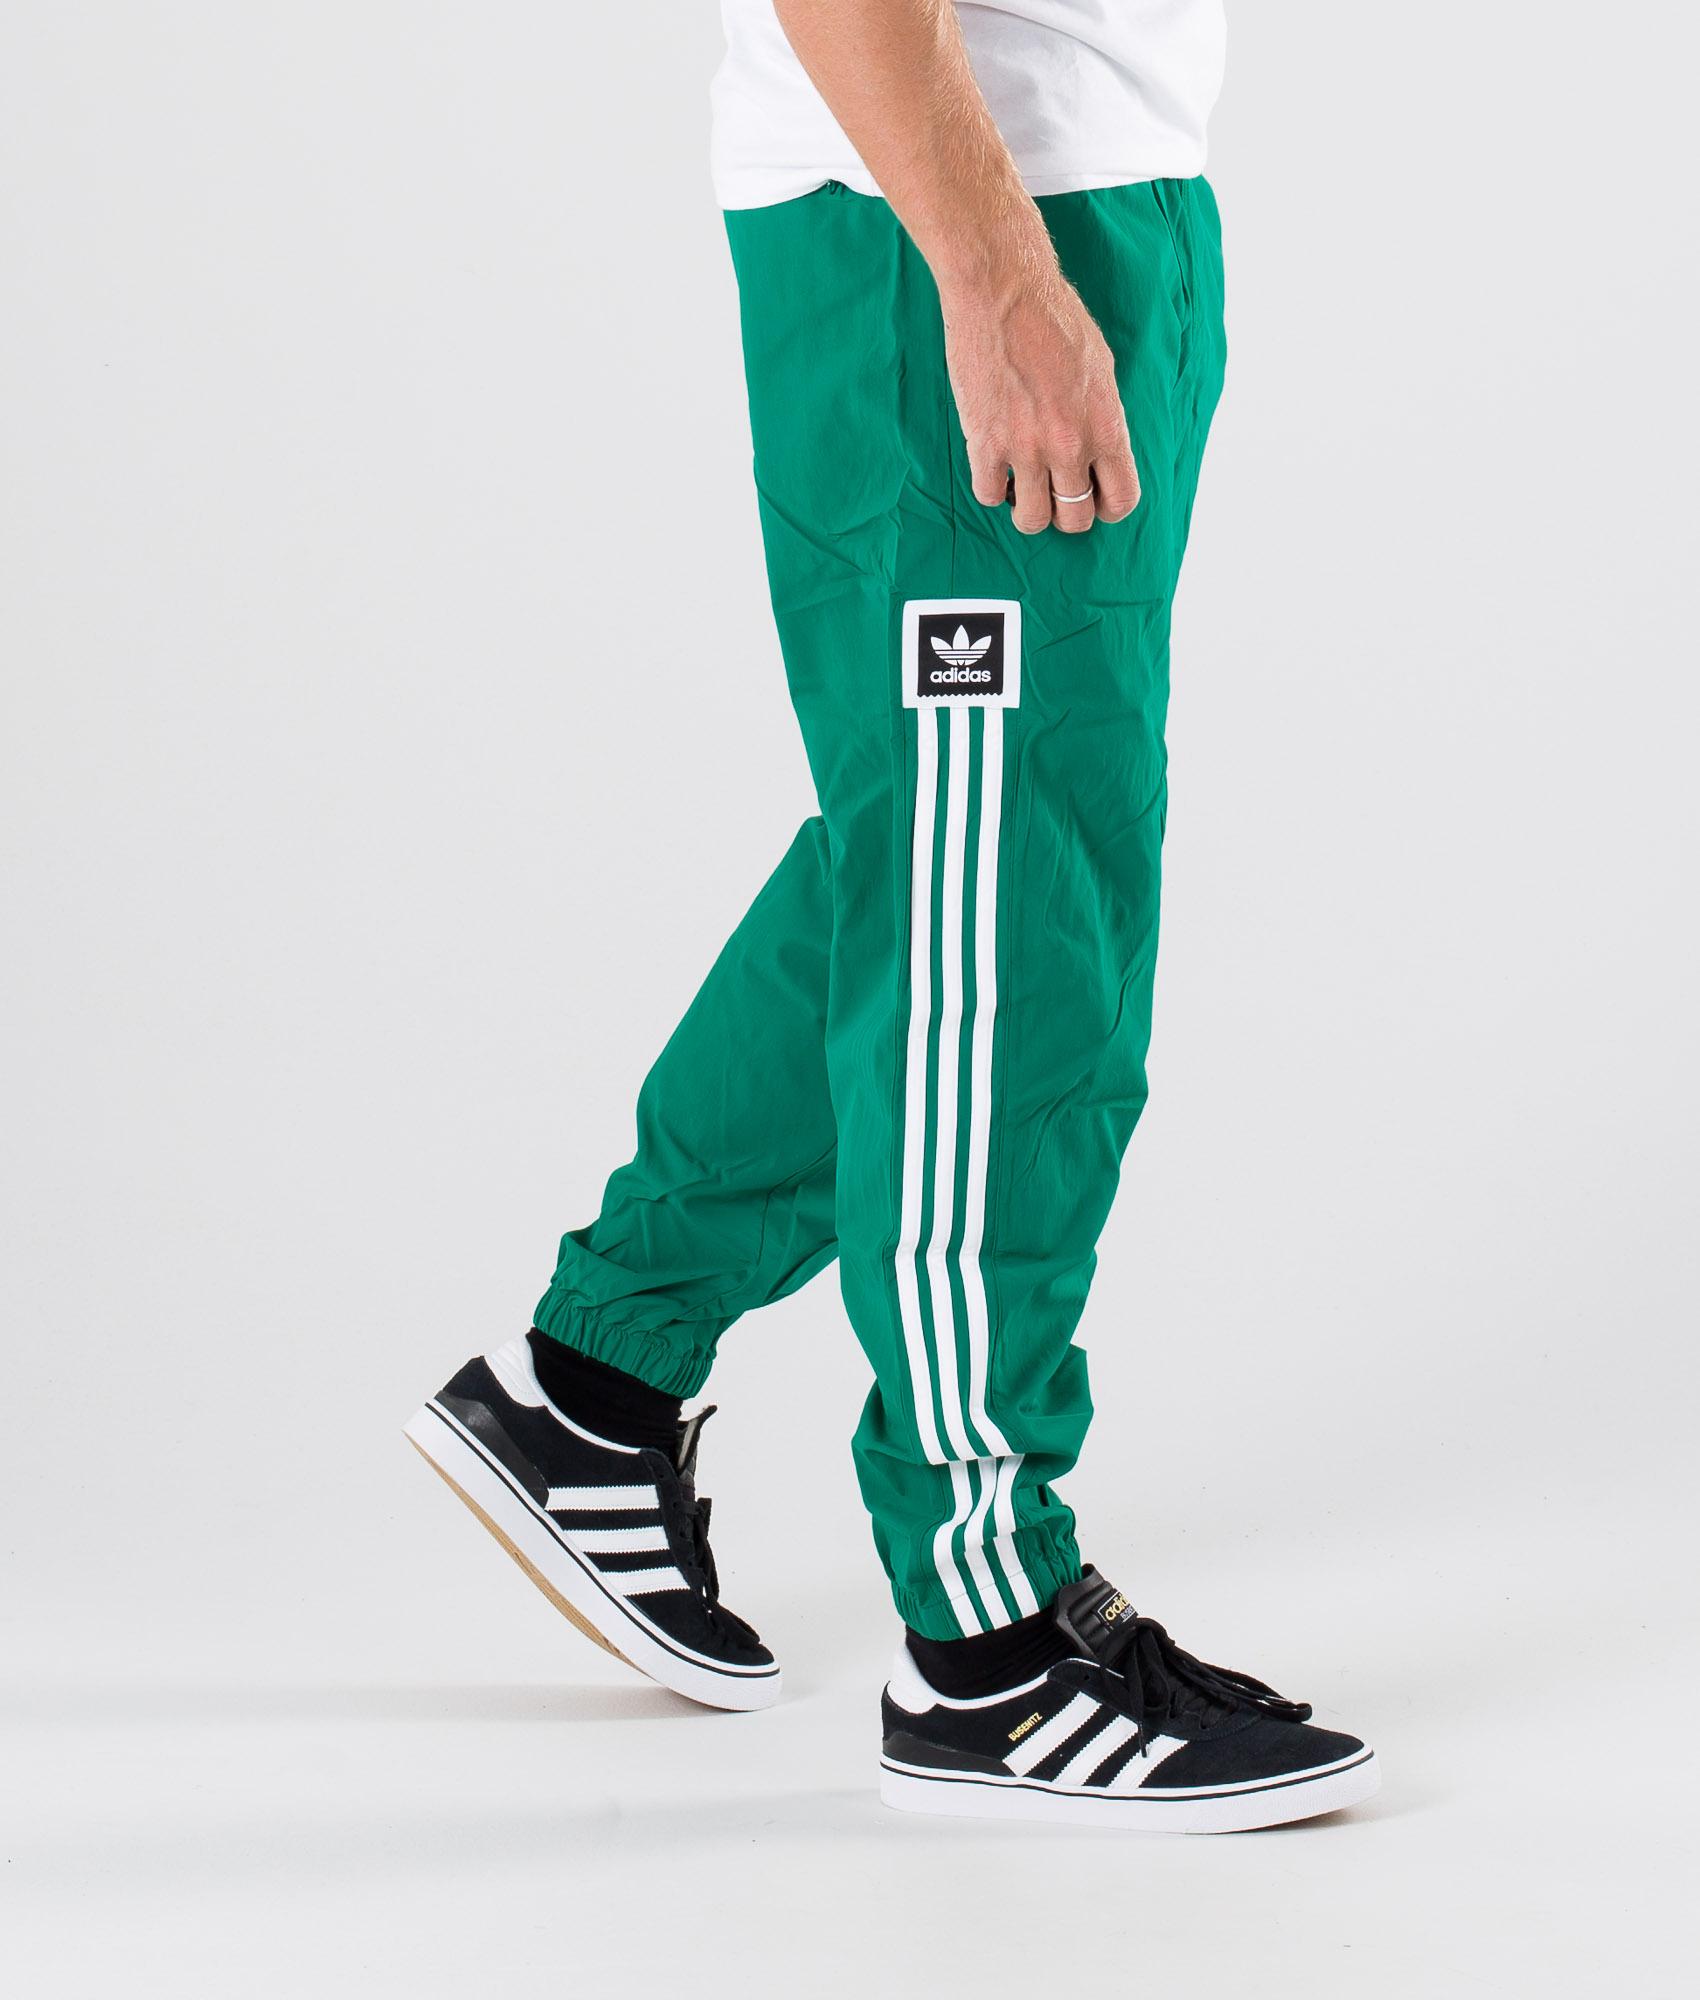 adidas sb tech short